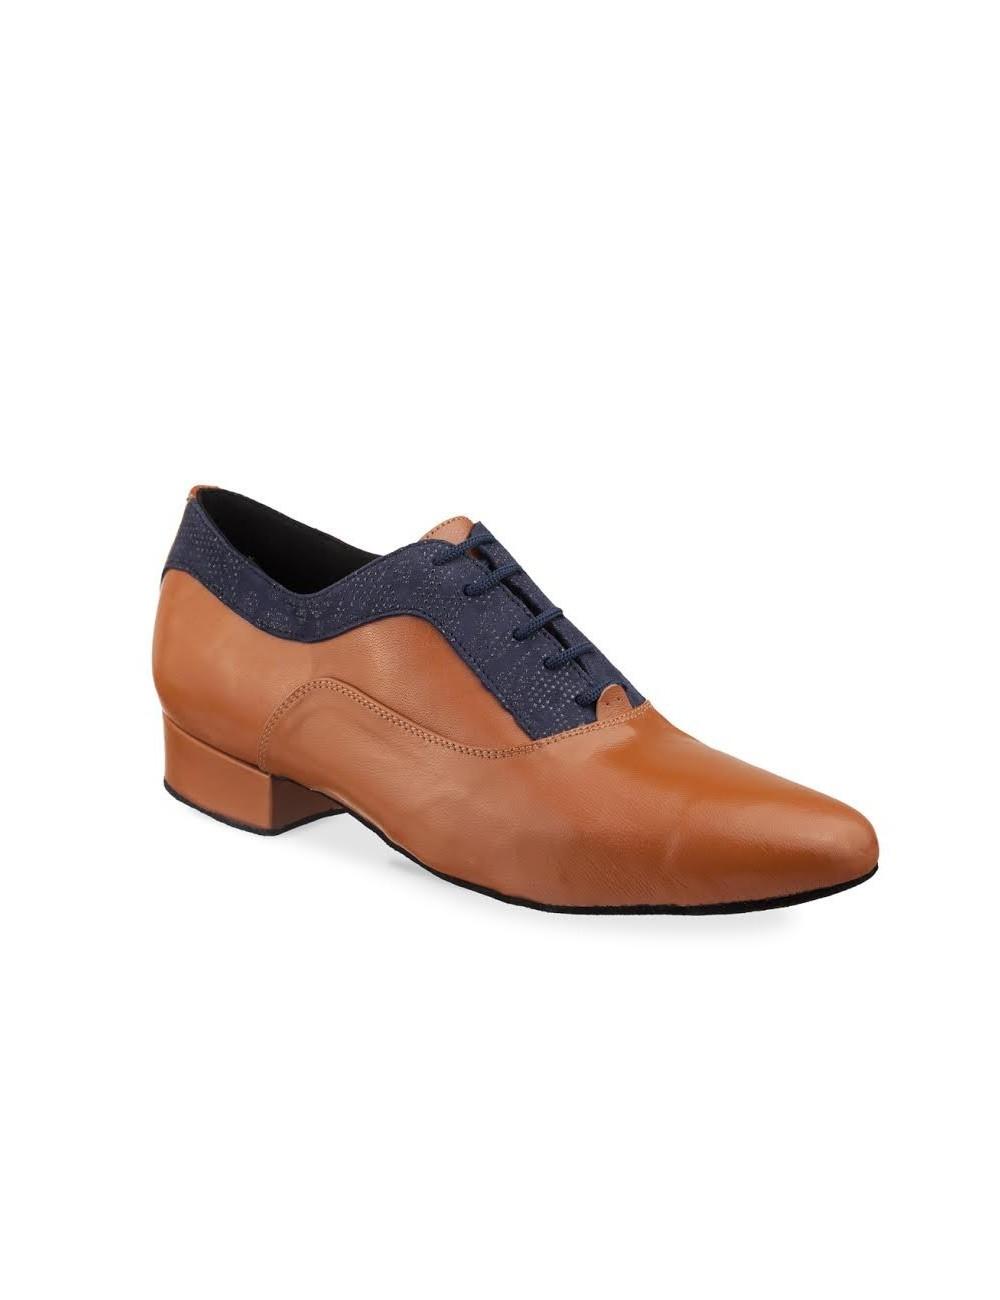 4d4c3cc4 Zapato de baile latino para hombre bicolor. Zapatos de salsa o tango para  hombre con suela de ante totalmente flexible en Carolmartinezdanceshoes ...